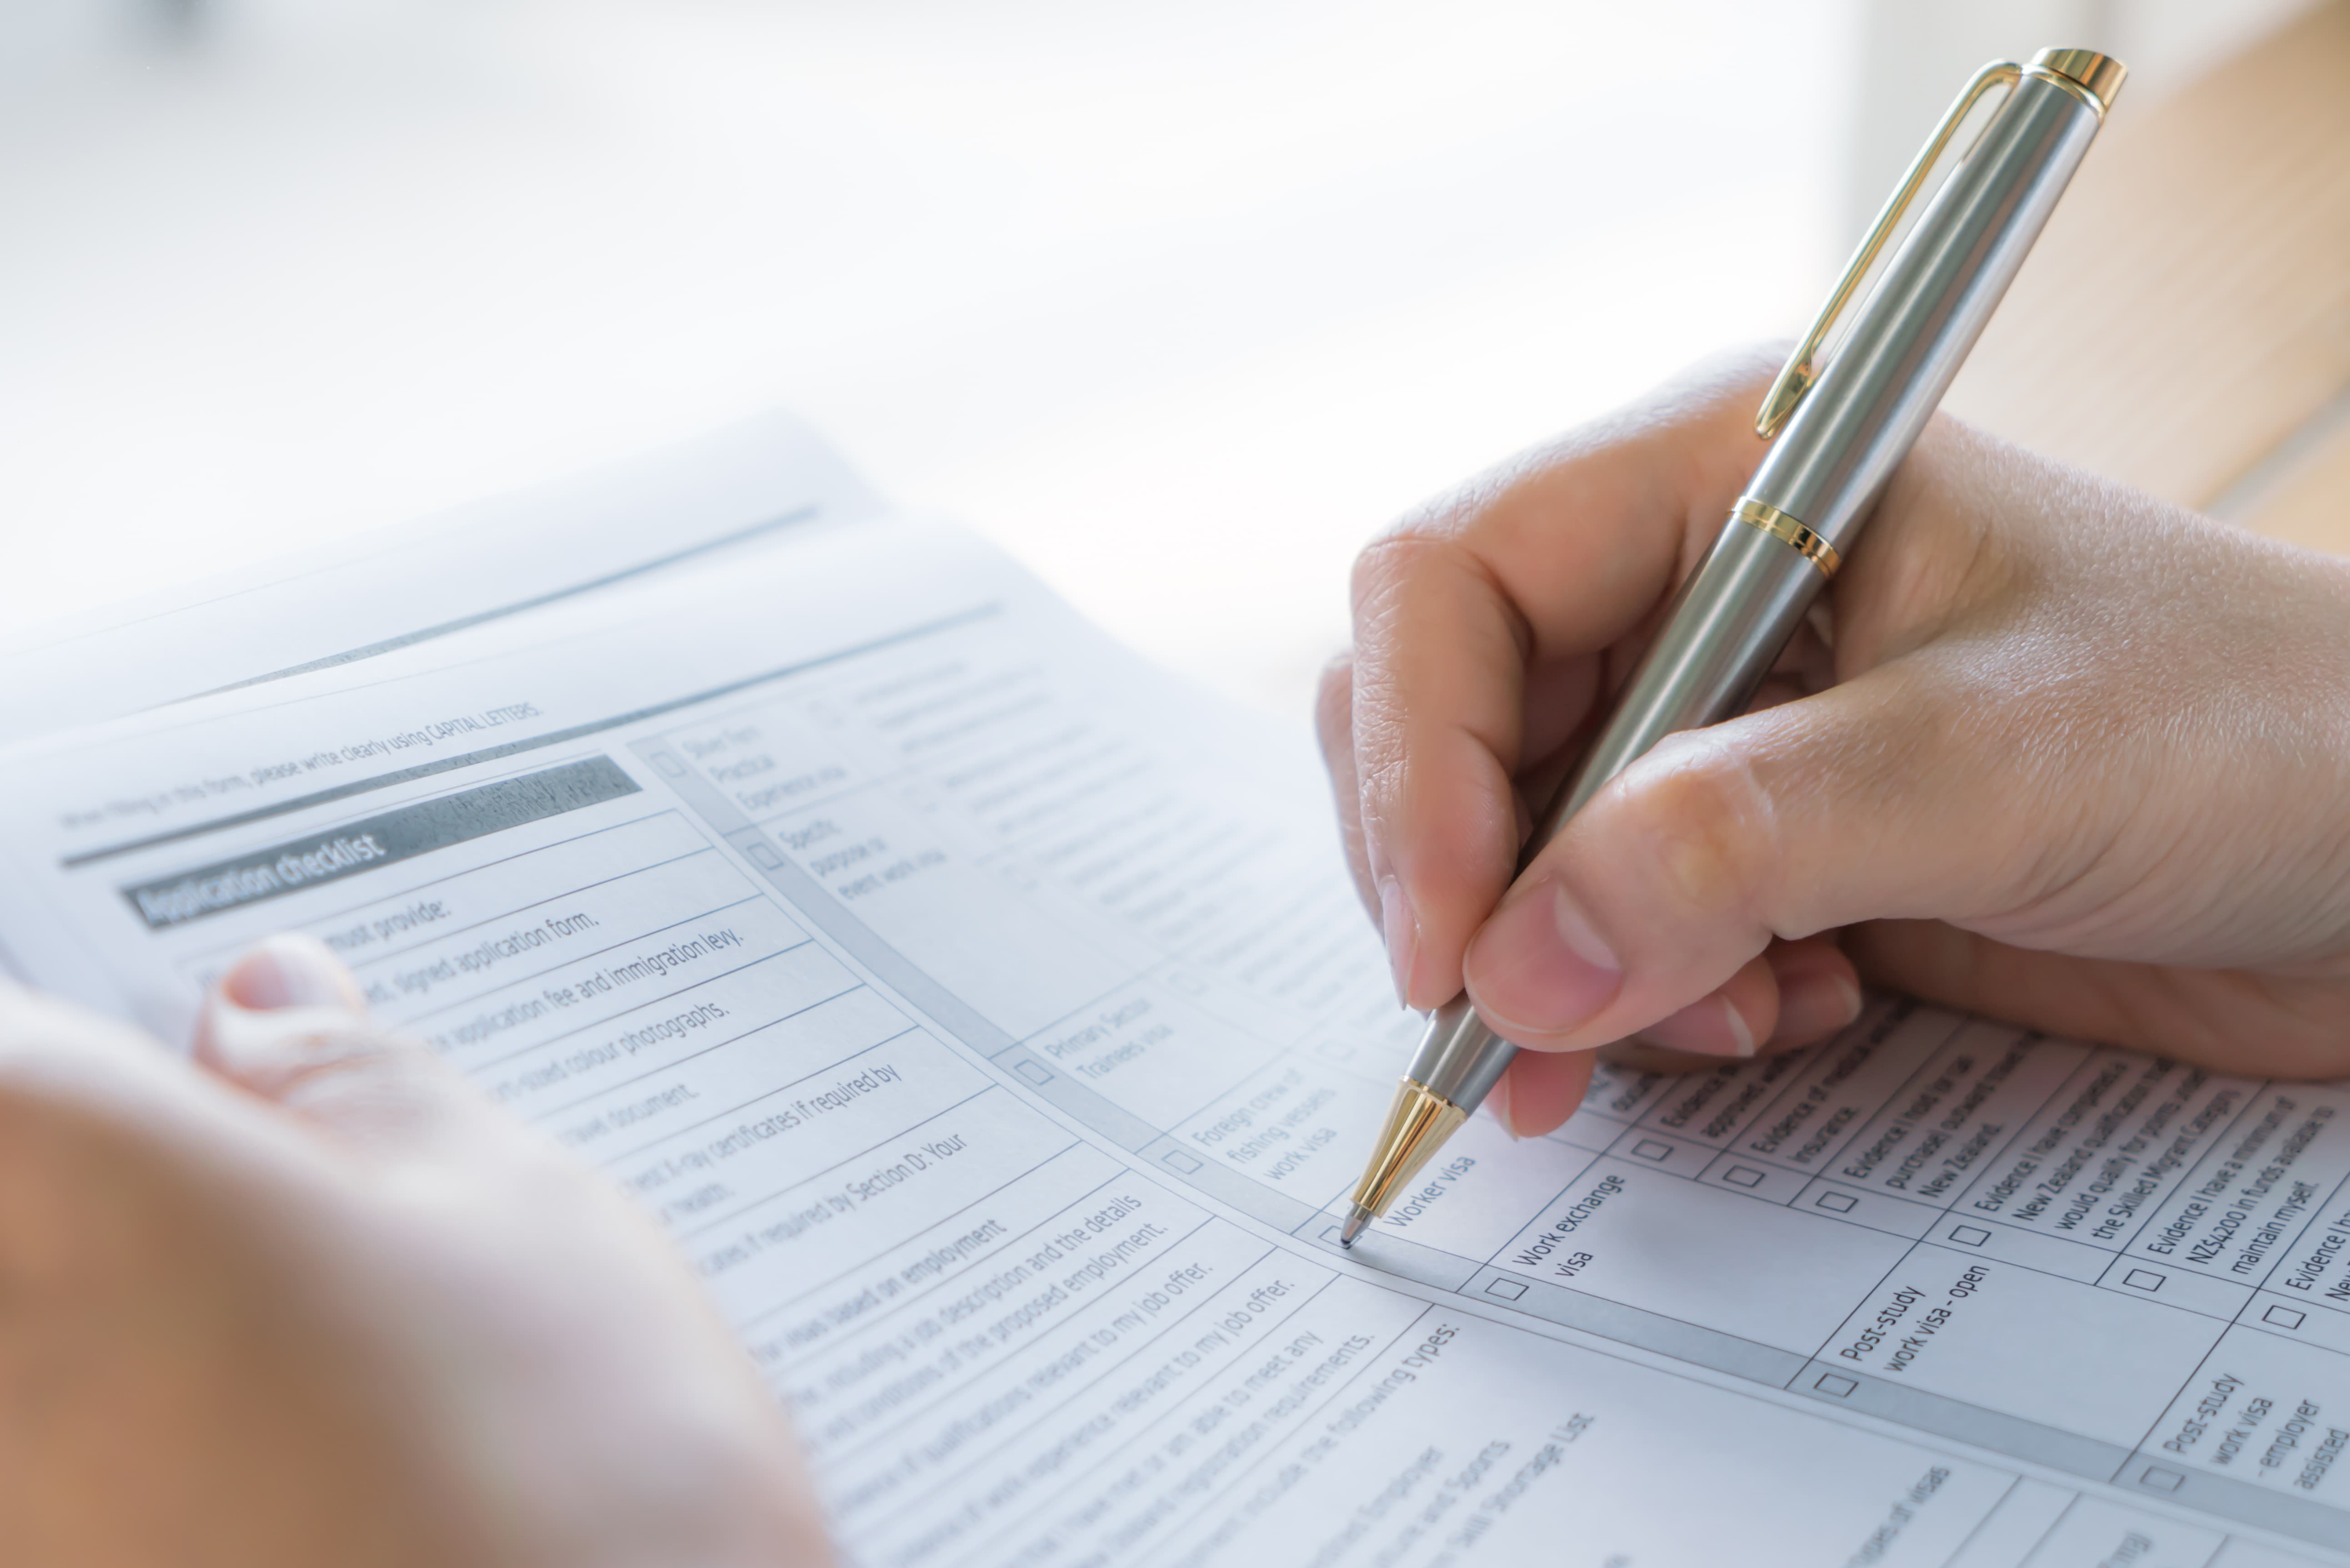 O Relatório Anual de Desempenho deve ser enviado até o dia 30 de junho de cada ano para comprovar a logística reversa no MS